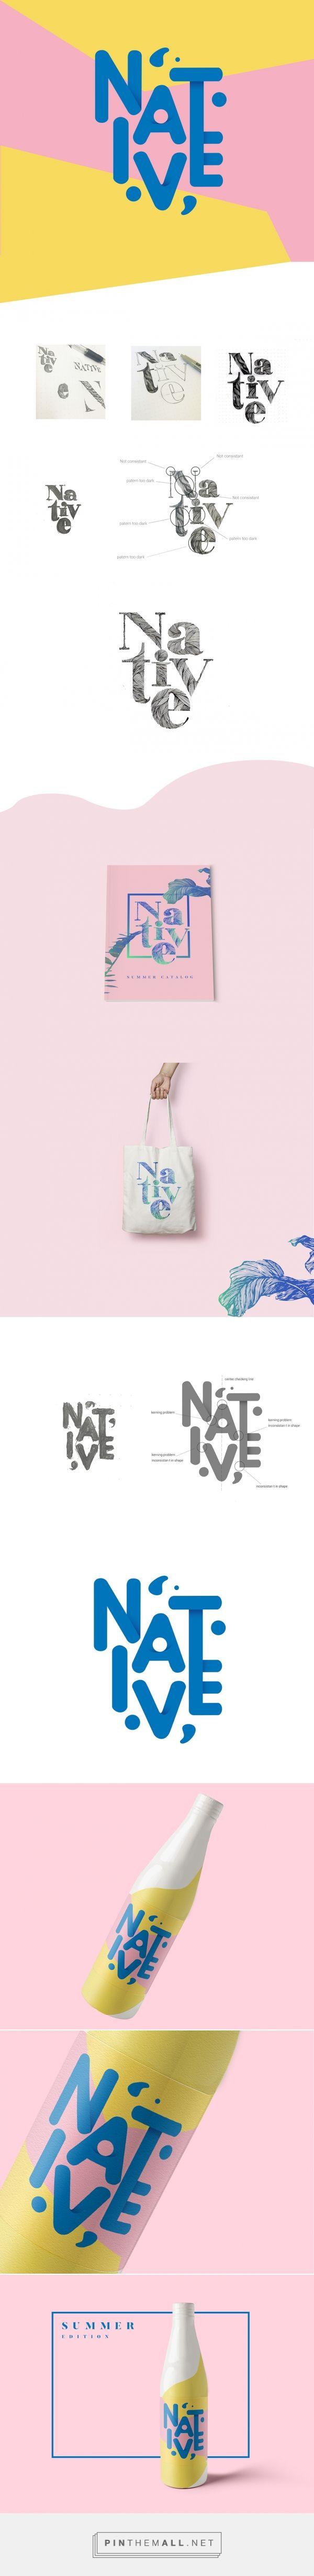 NATIVE-Summer packaging design by Mint Li (USA) - http://www.packagingoftheworld.com/2016/08/native-summer-promote.html